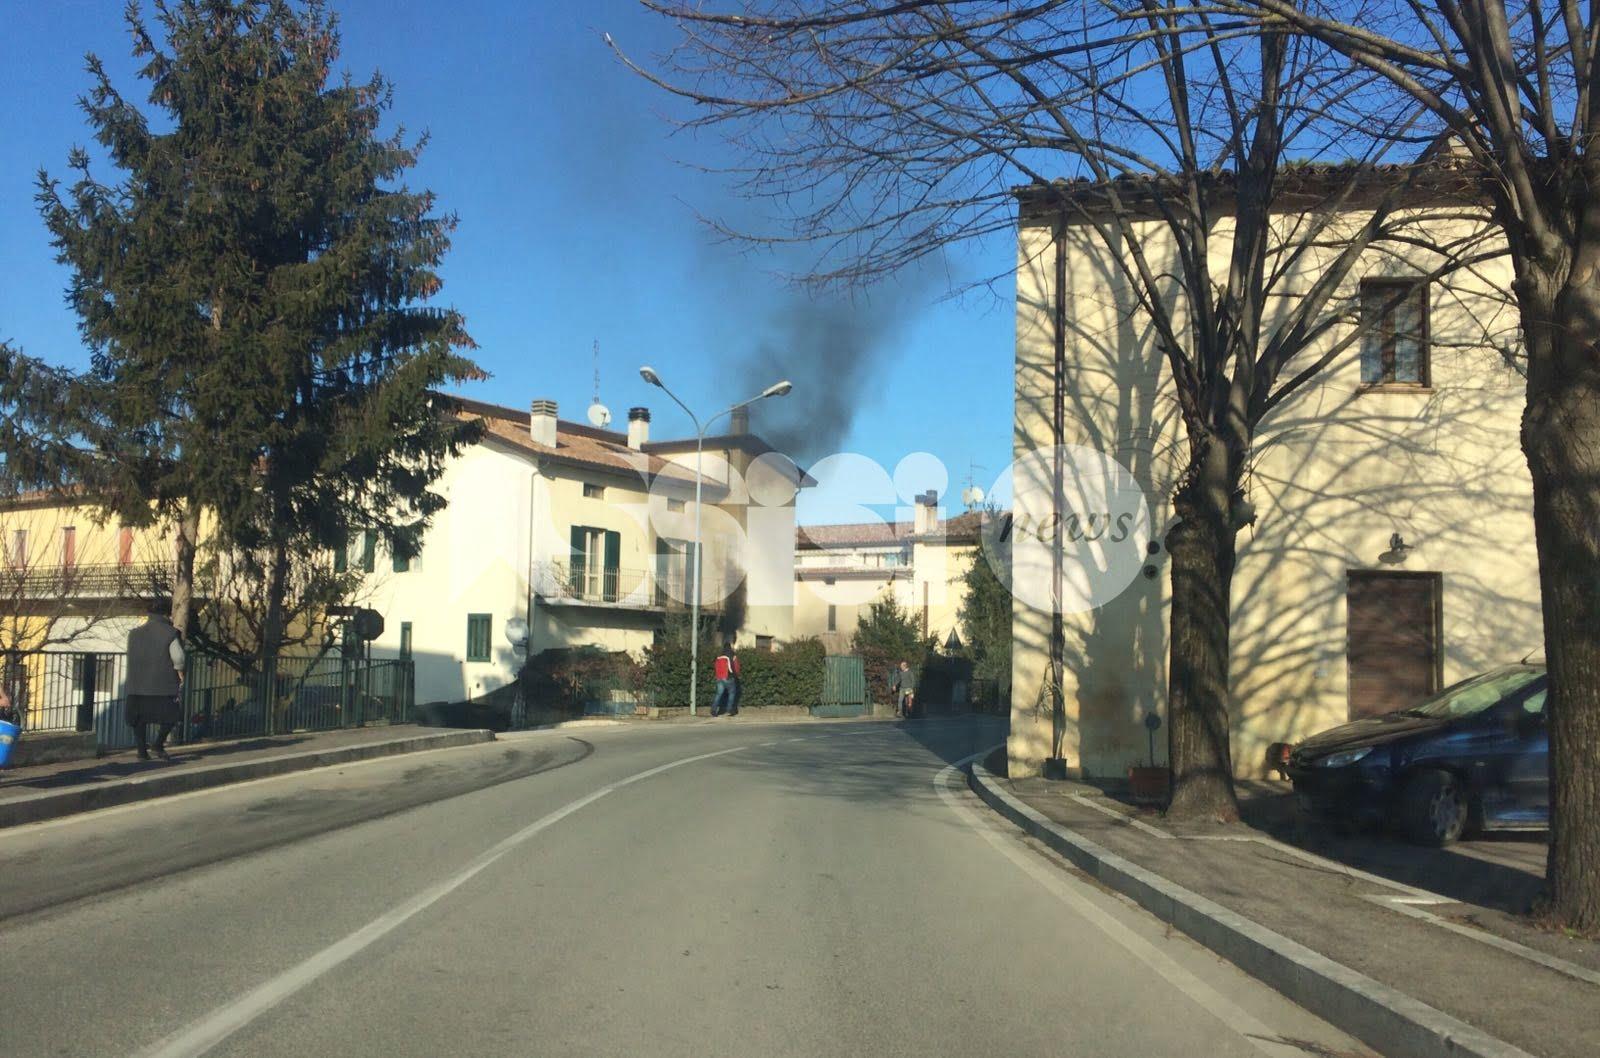 Incendio caldaia a Passaggio di Bettona: tanta paura, nessun ferito